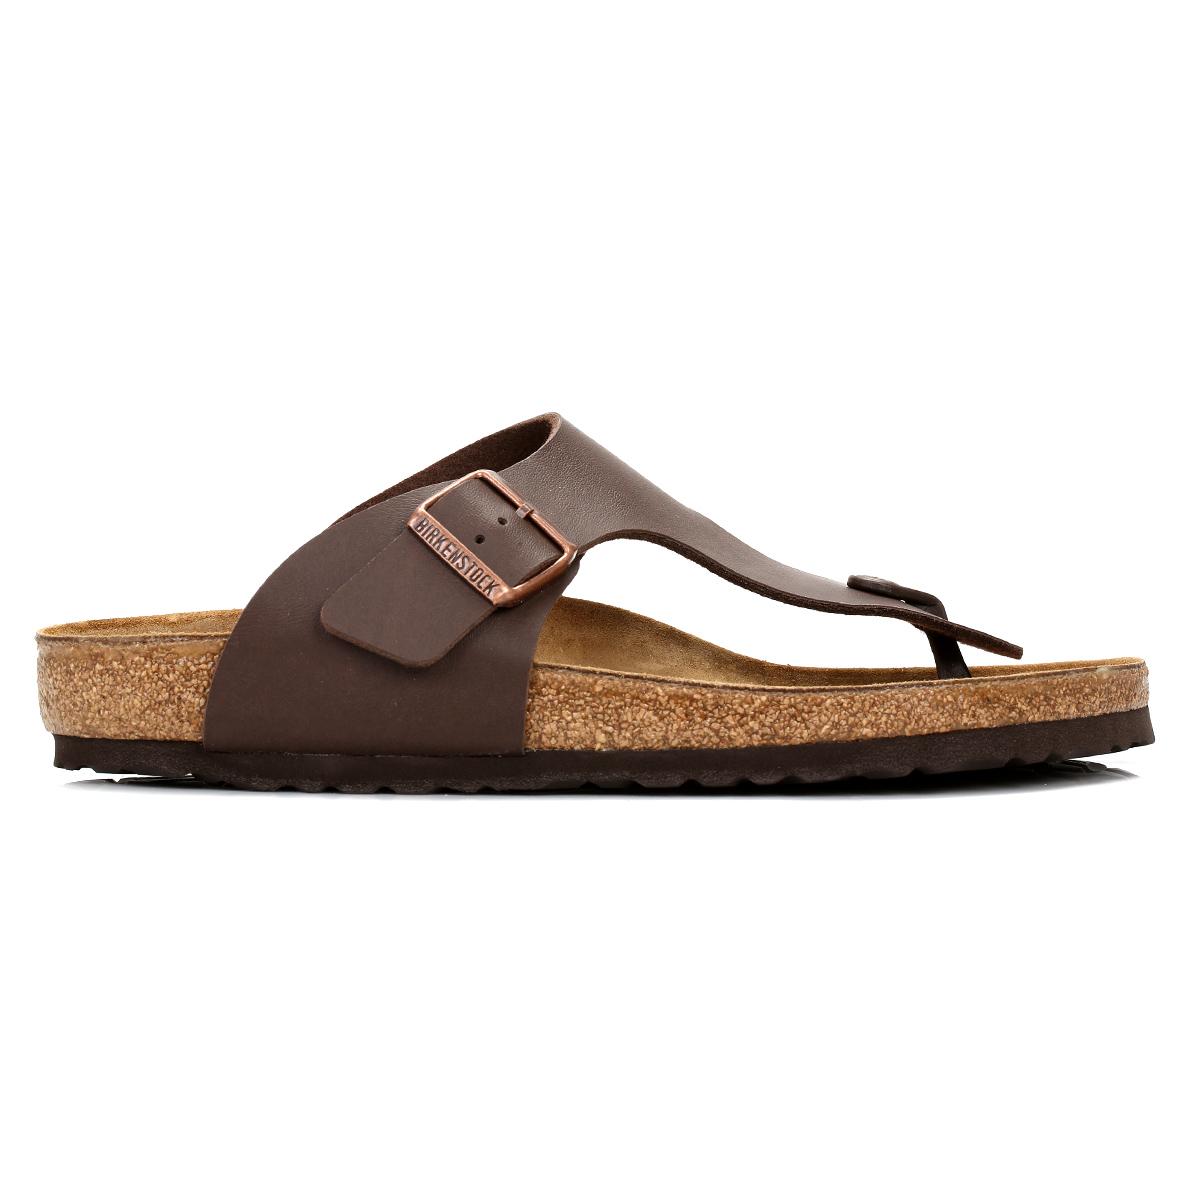 e9ee5c8397e3 Birkenstock Ramses Birko-Flor Mens Brown Leather Sandals Toe Post Summer  Shoes